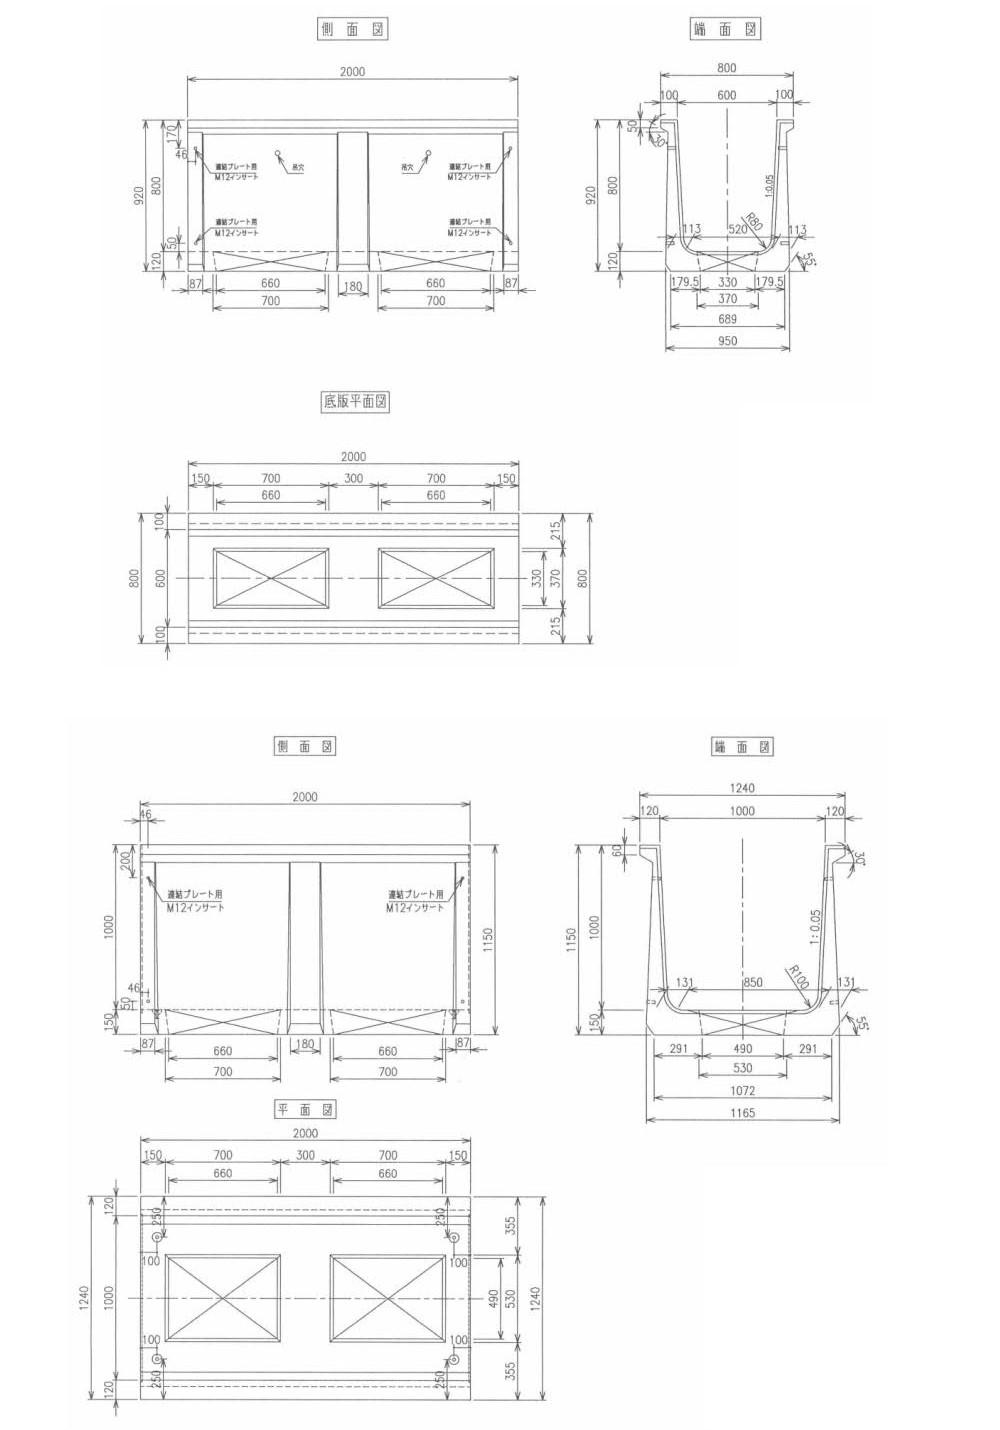 図面 - 水路用製品・フリューム製品 大型フリューム(底穴付)